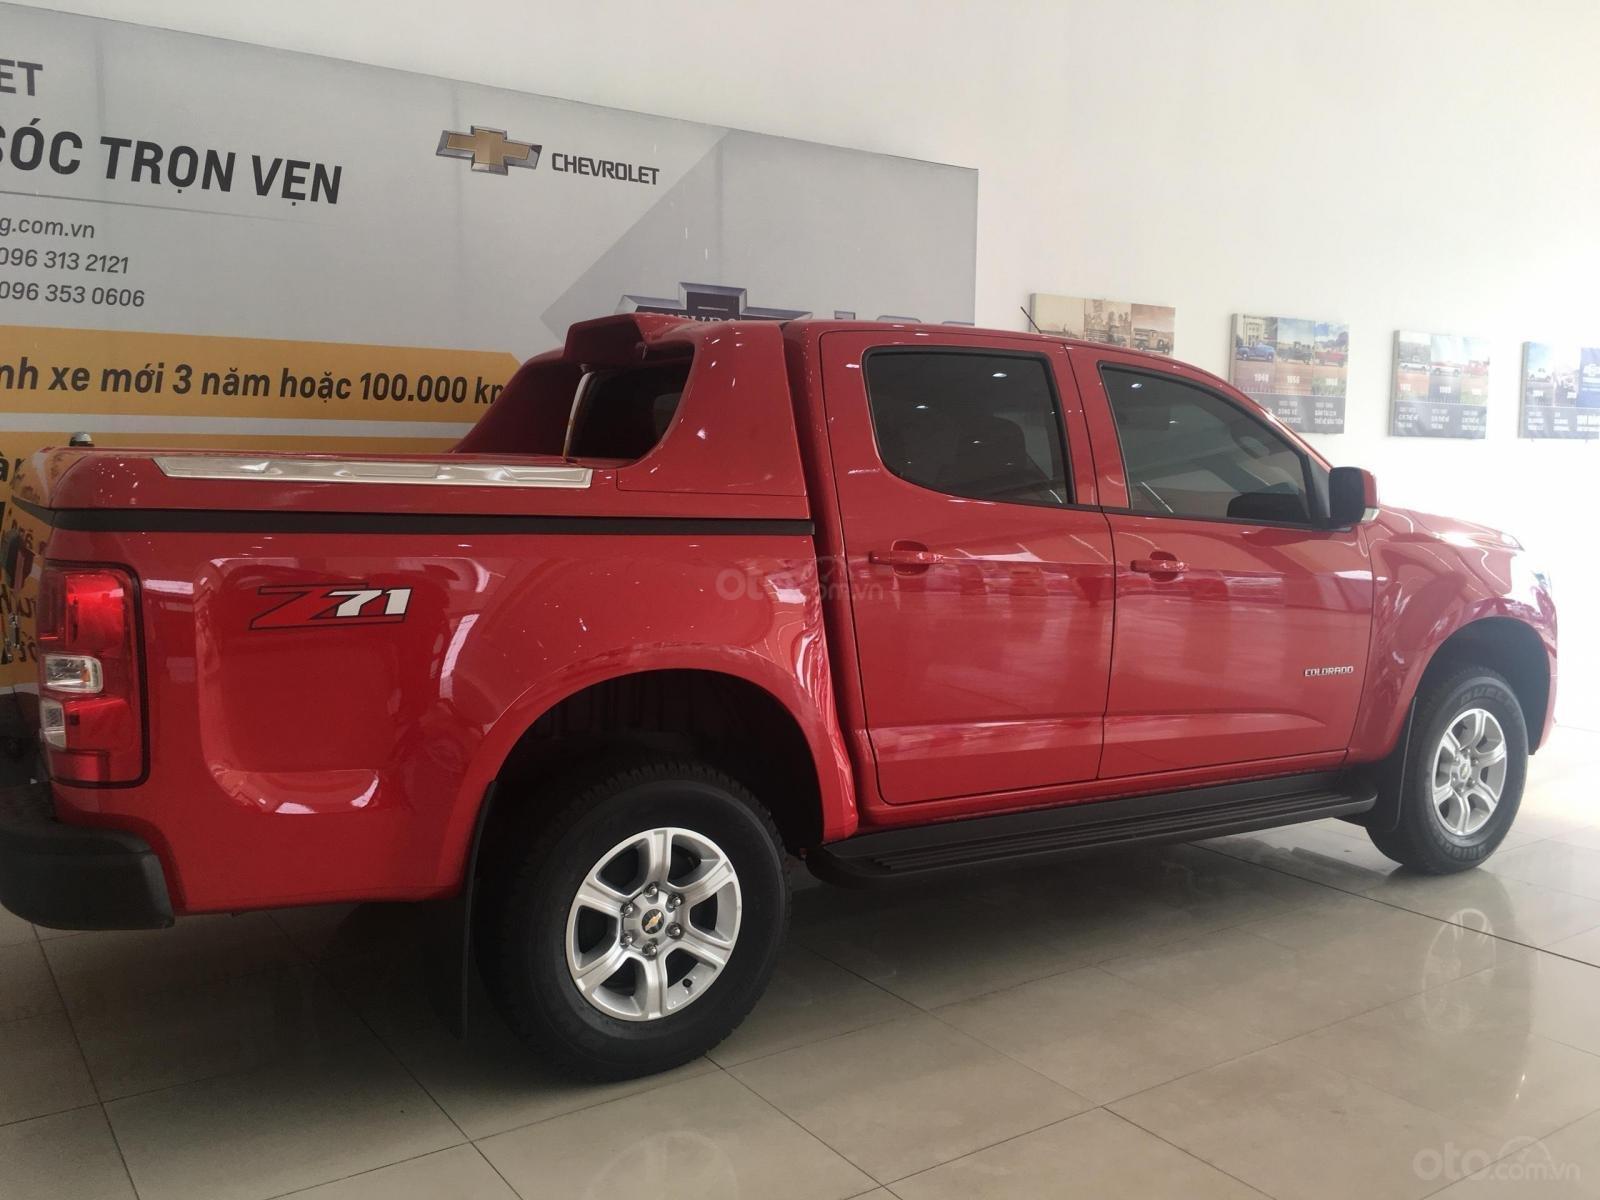 Chevrolet Colorado mức ảnh hưởng tầm cao mới Chevrolet ưu đãi đặc biệt trong tháng 12 (3)